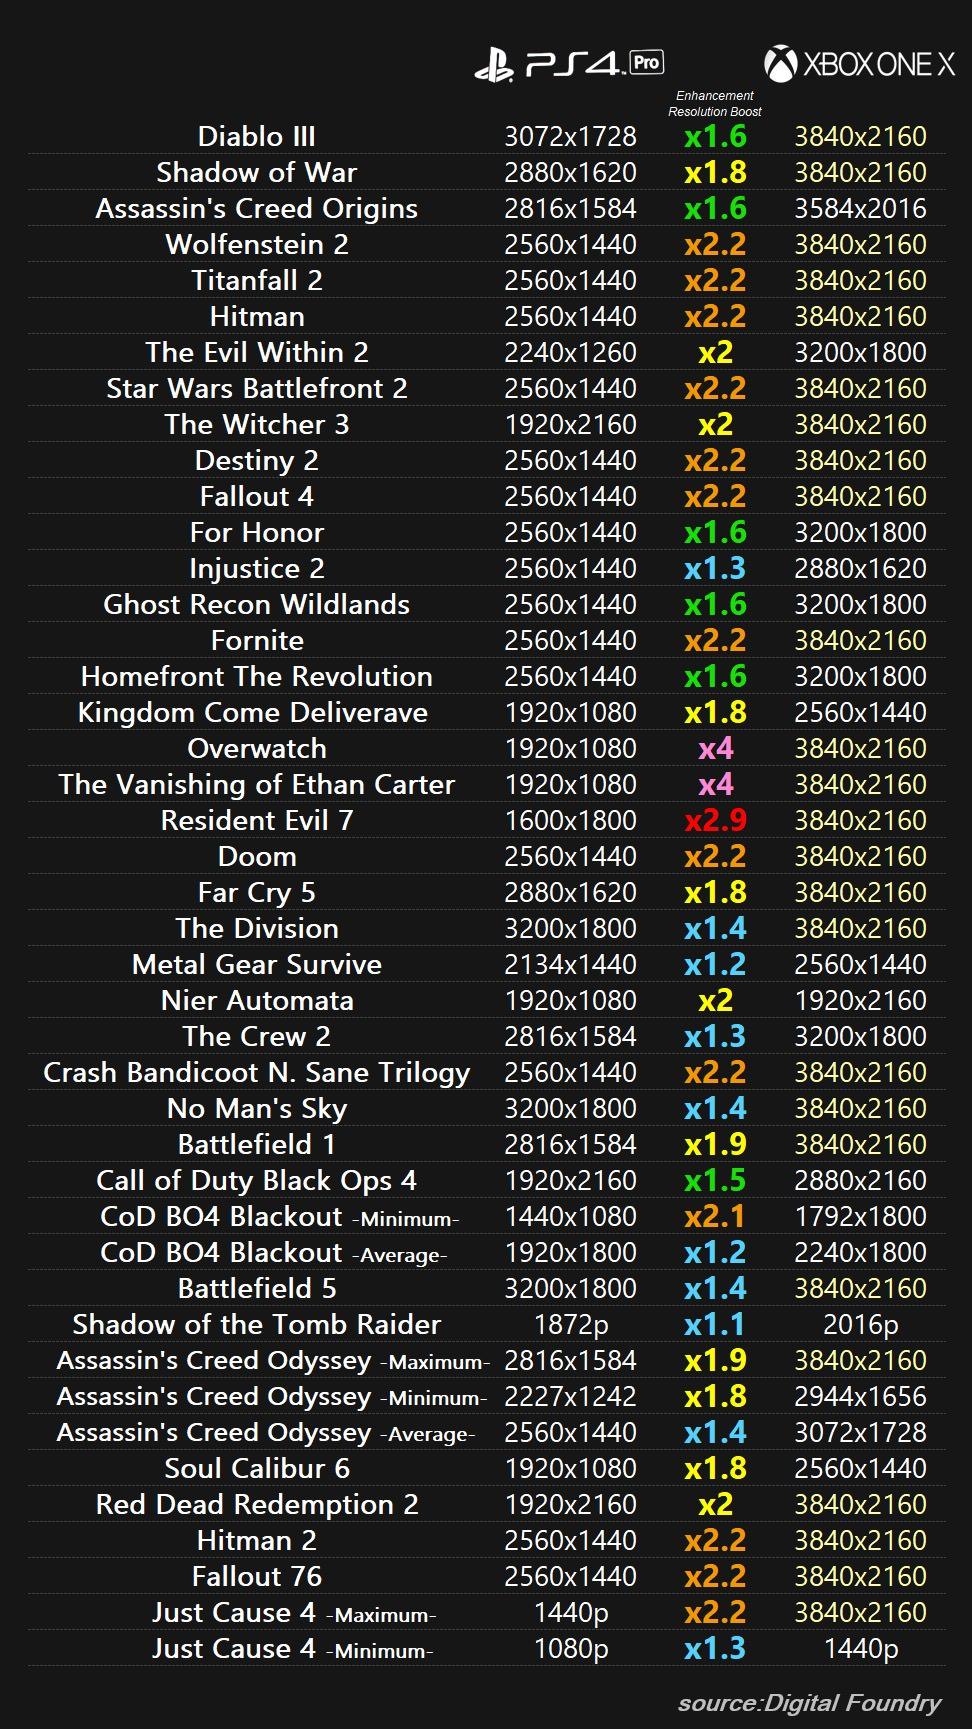 PS4ProとXbox One Xってこんなに差があるってまじ?信じられないんだけどwwww